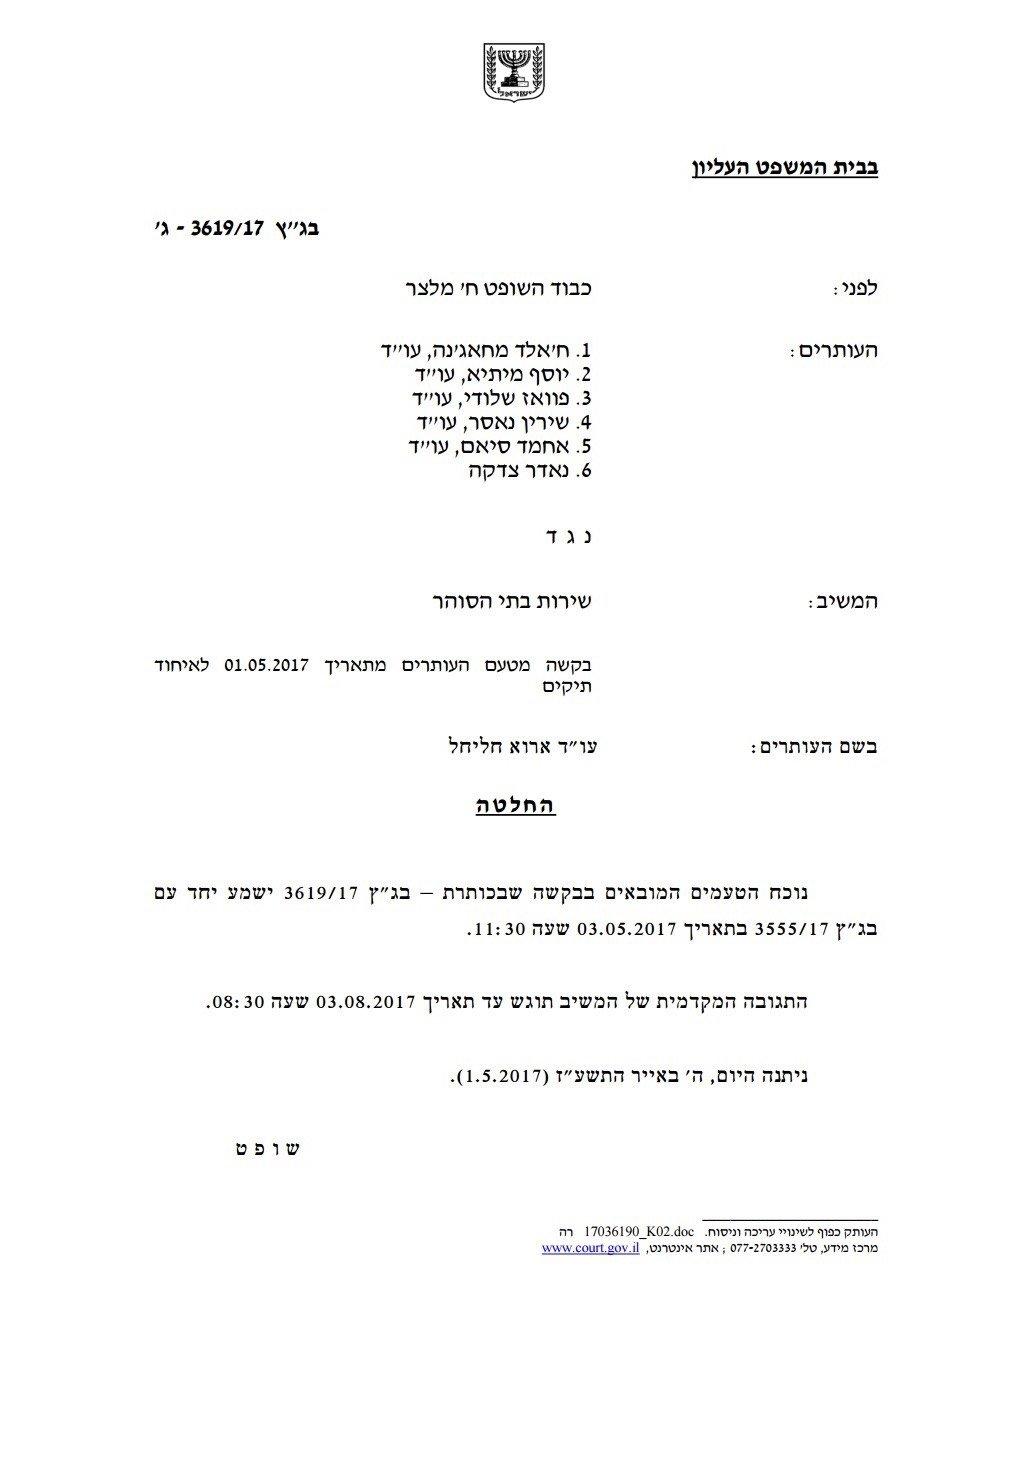 تقديم التماس للمحكمة العليا ضد منع المحامين من ملاقاة الاسرى